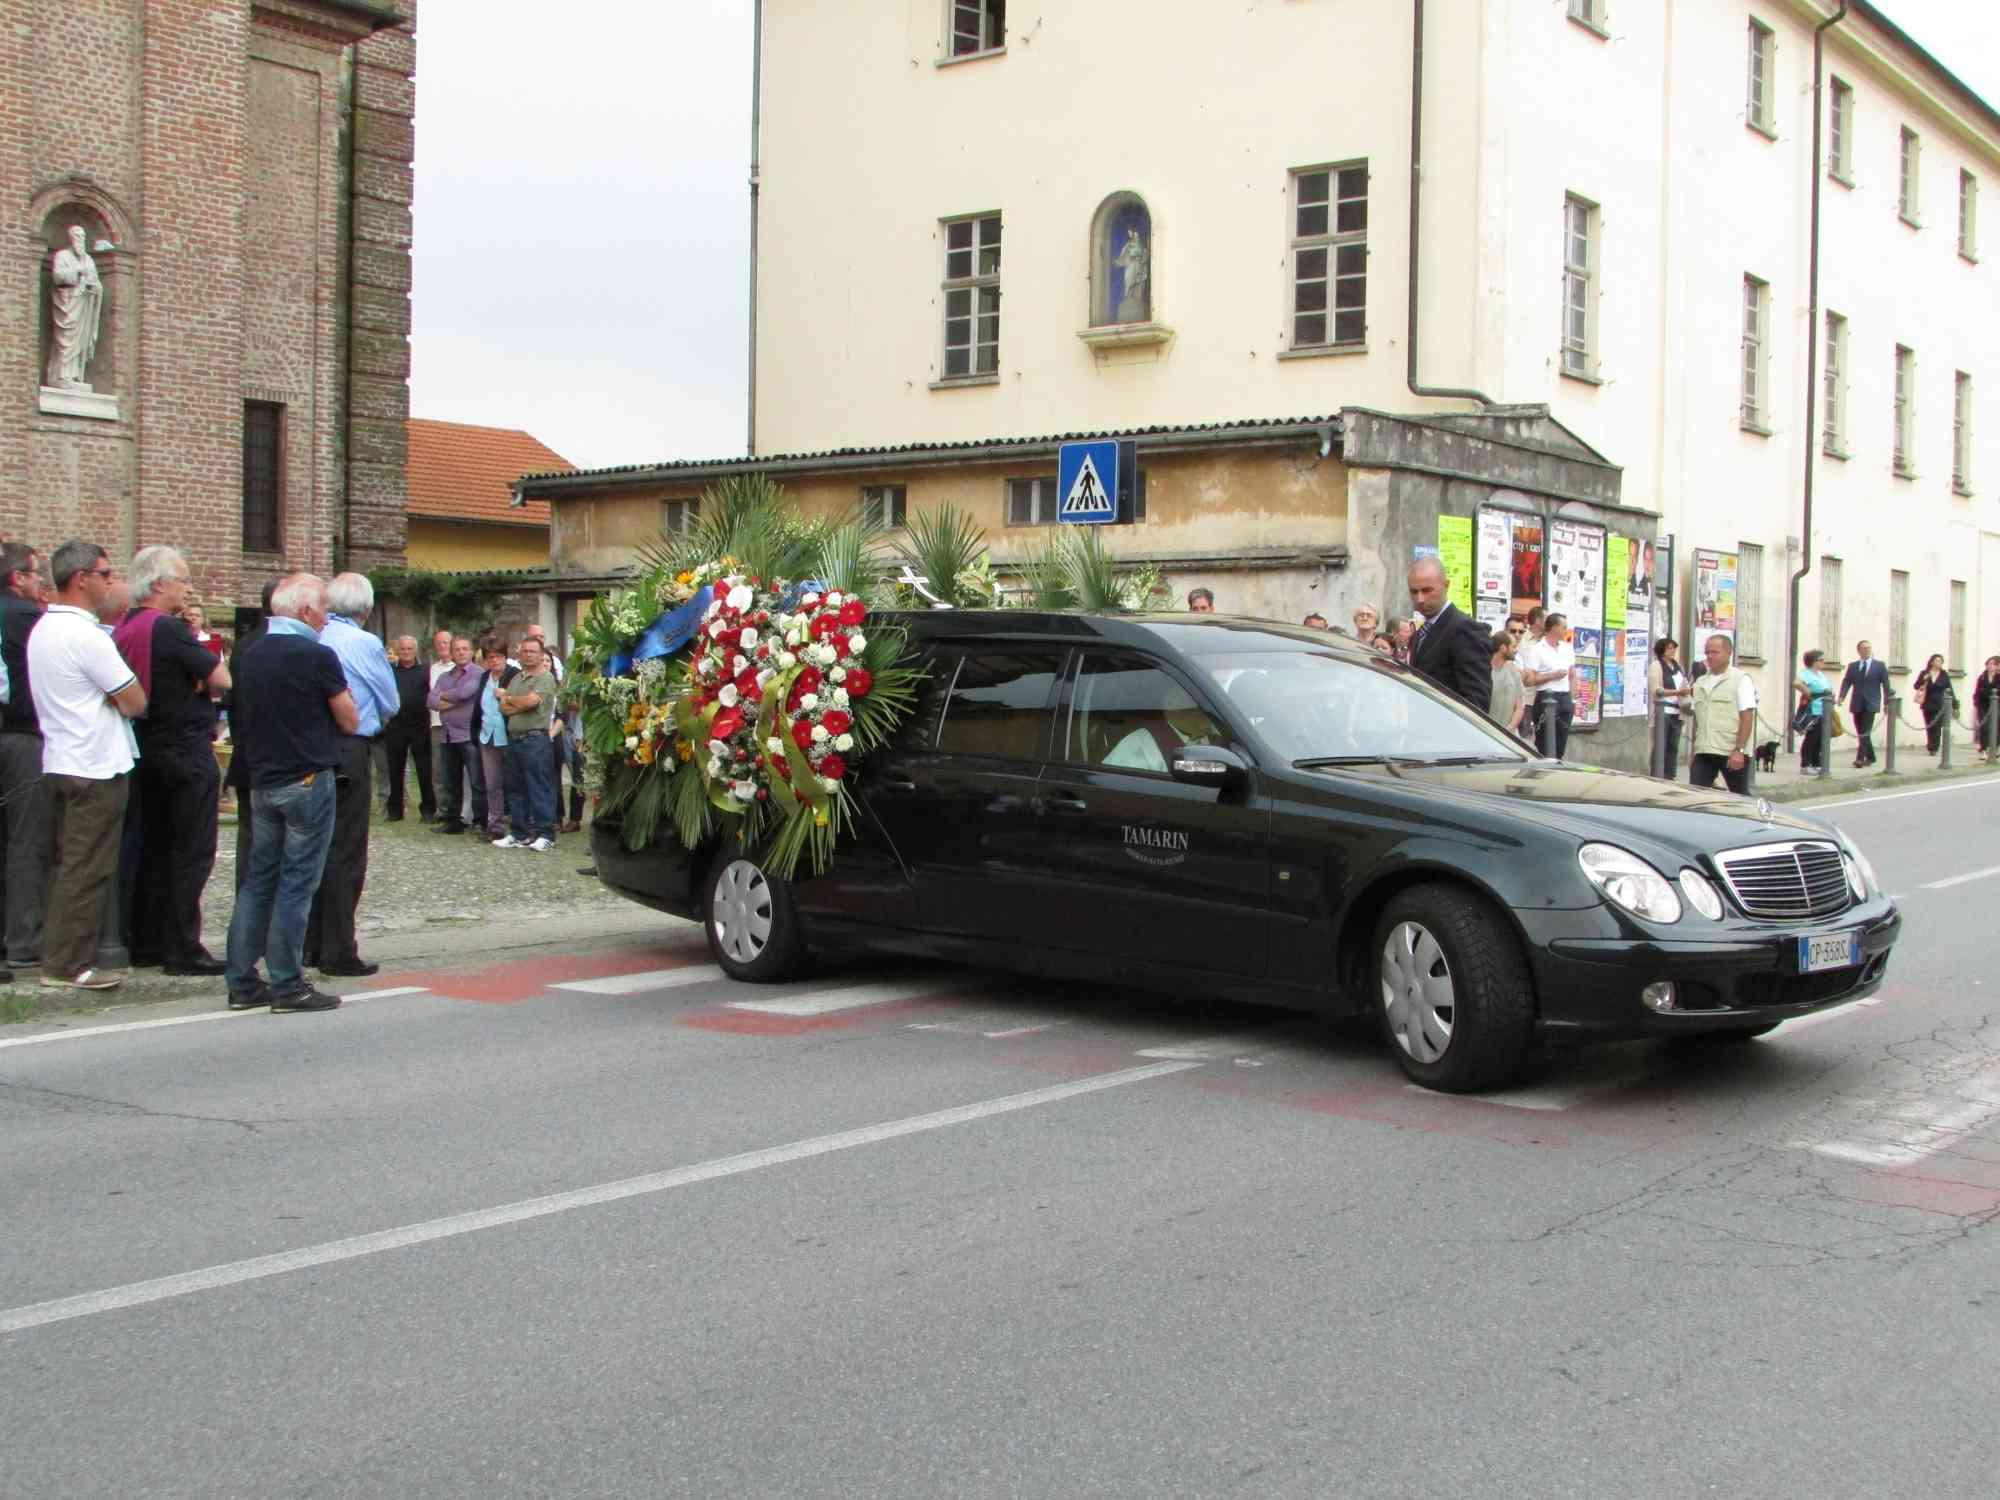 Celebrati i funerali del barista ucciso a Pinerolo